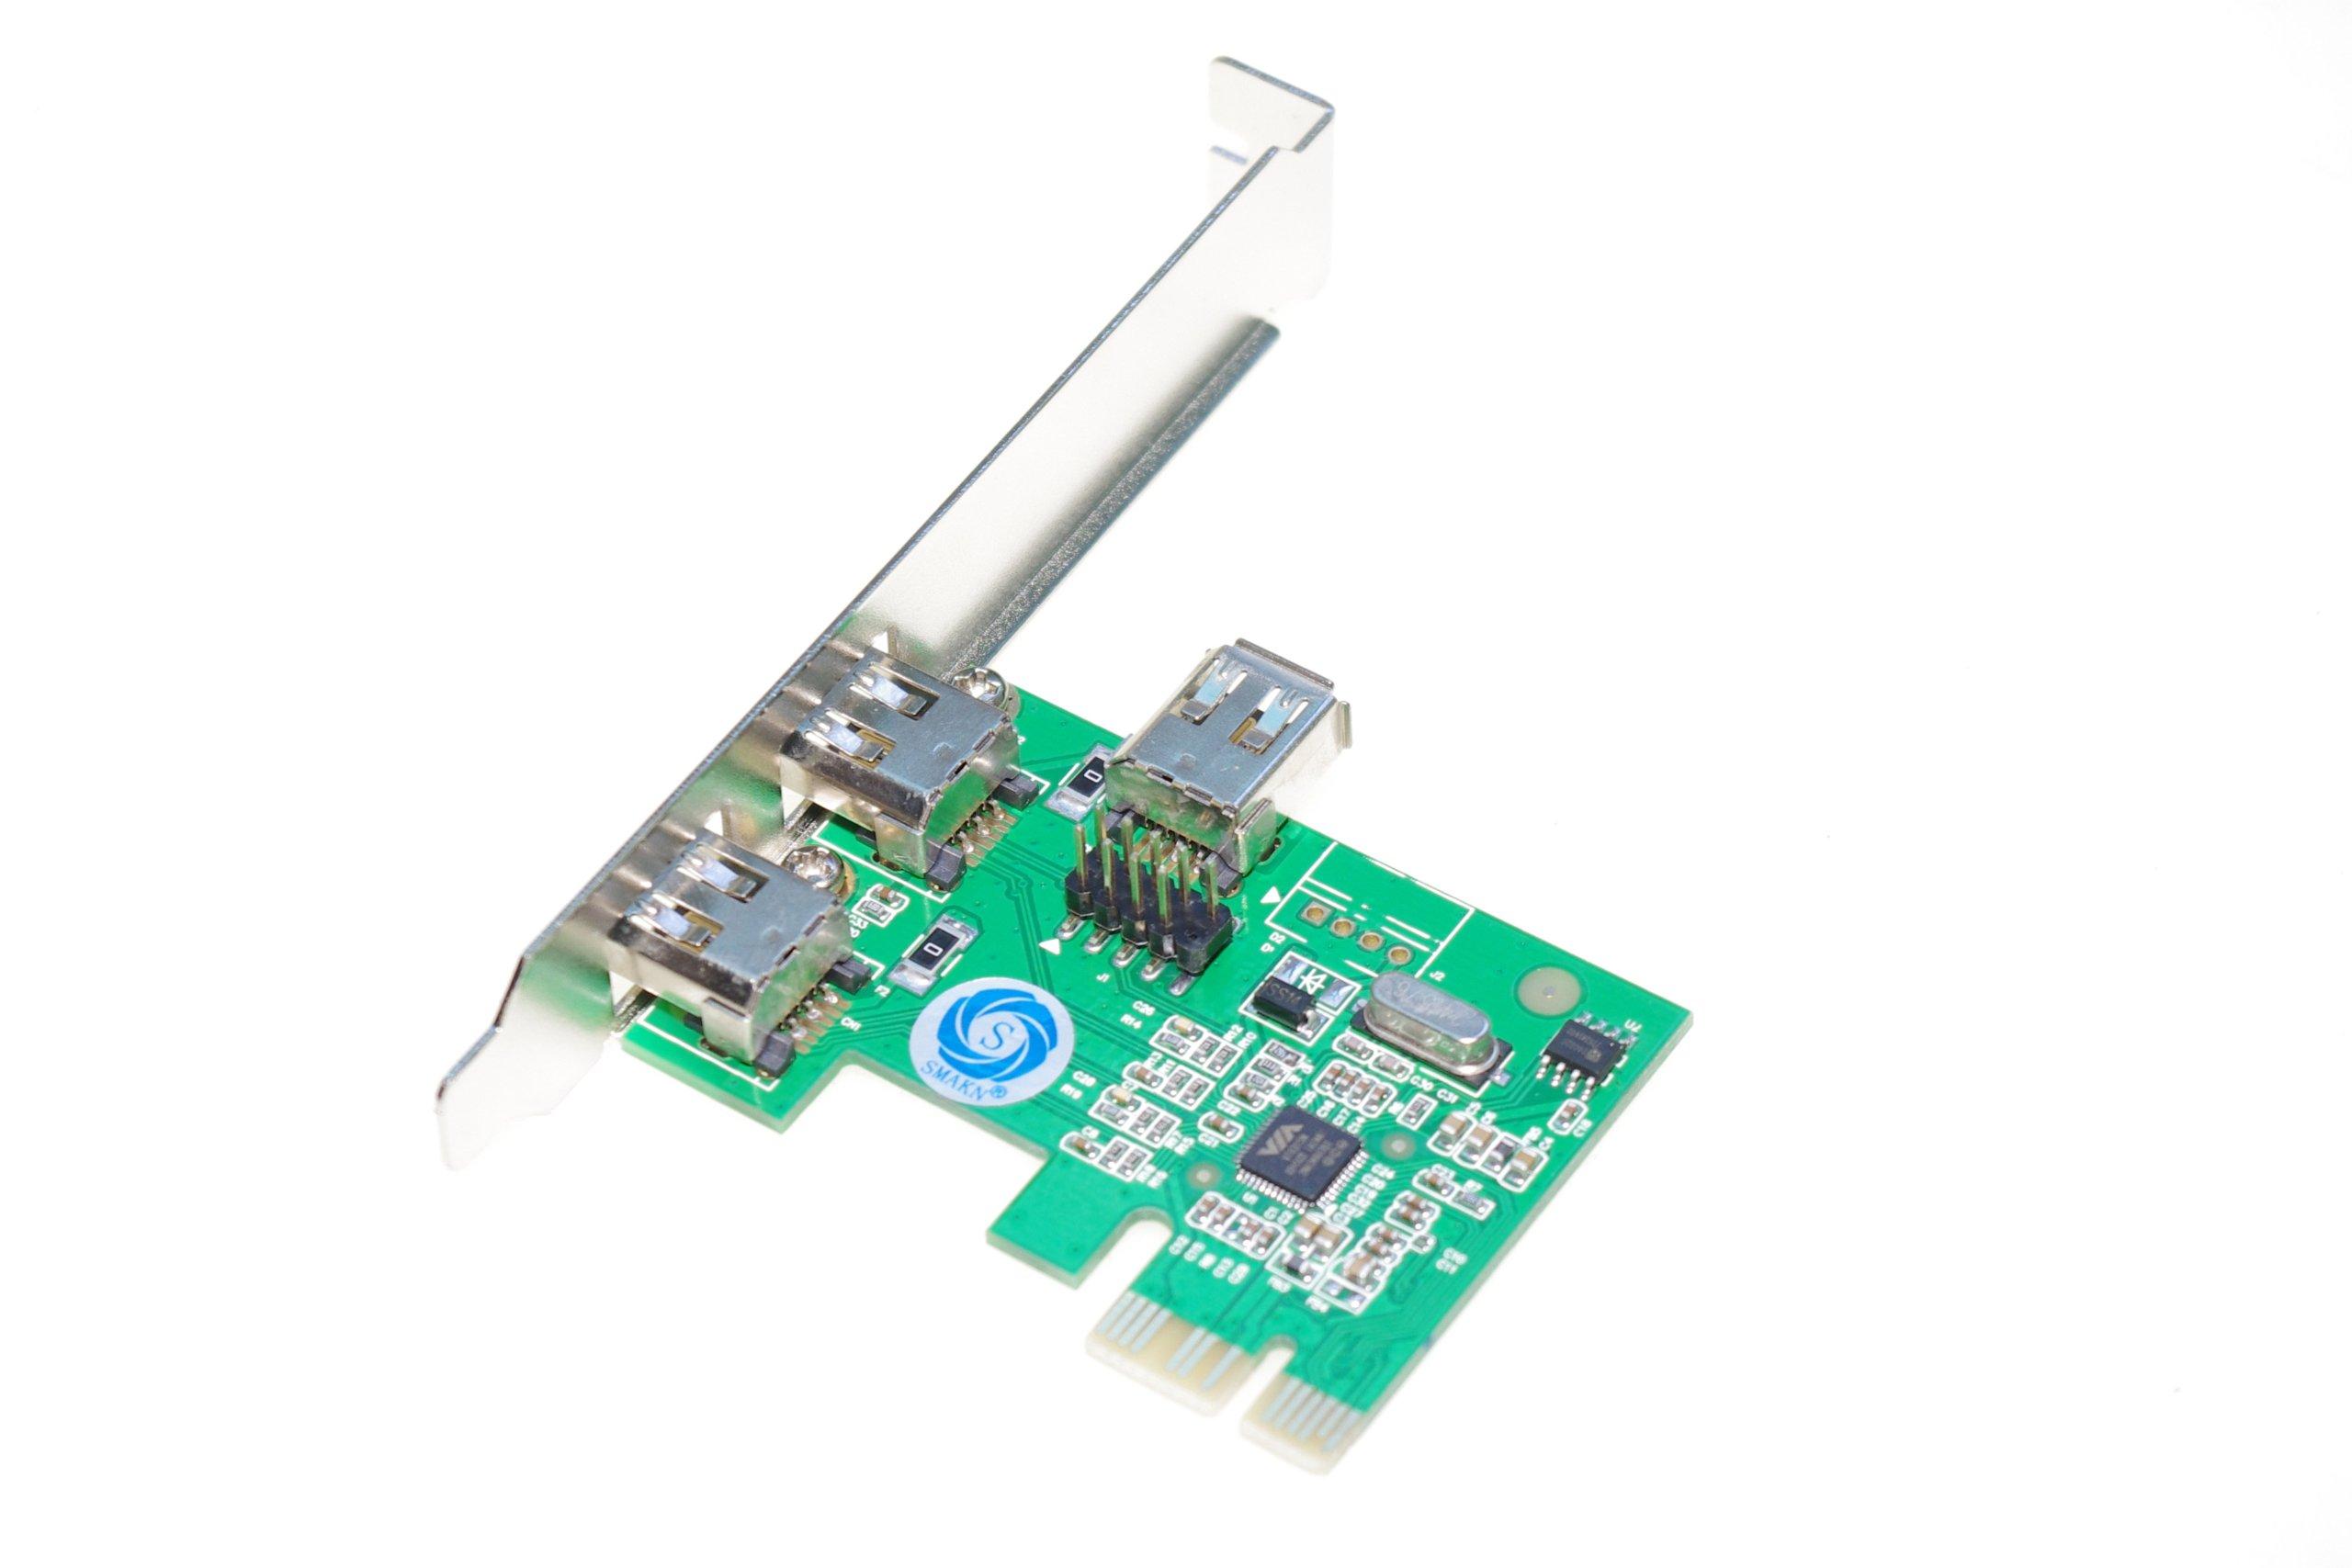 SMAKN PCI-Express IEEE 1394a Firewire controller card (2 external + 1 internal 1394a ports) IO-PCE6315-2E1I by SMAKN